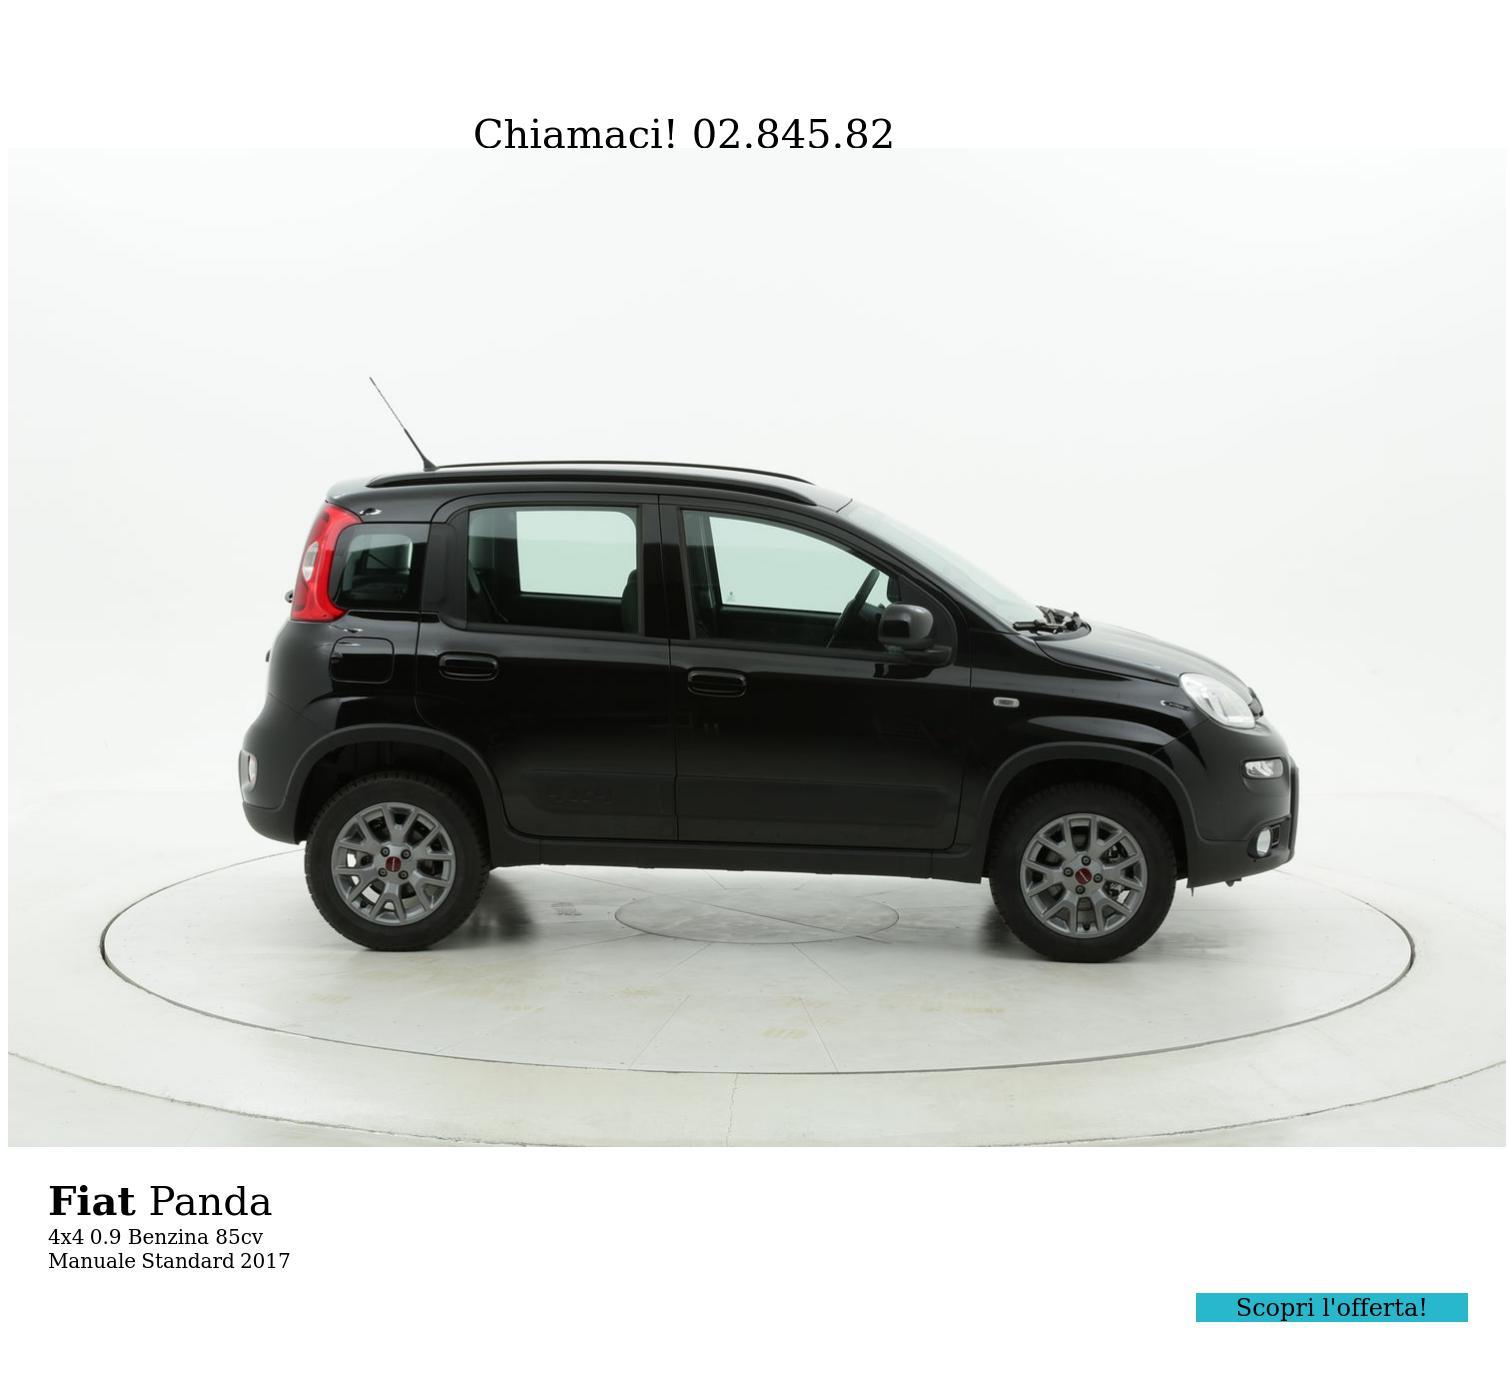 Fiat Panda 4x4 km 0 benzina nera | brumbrum